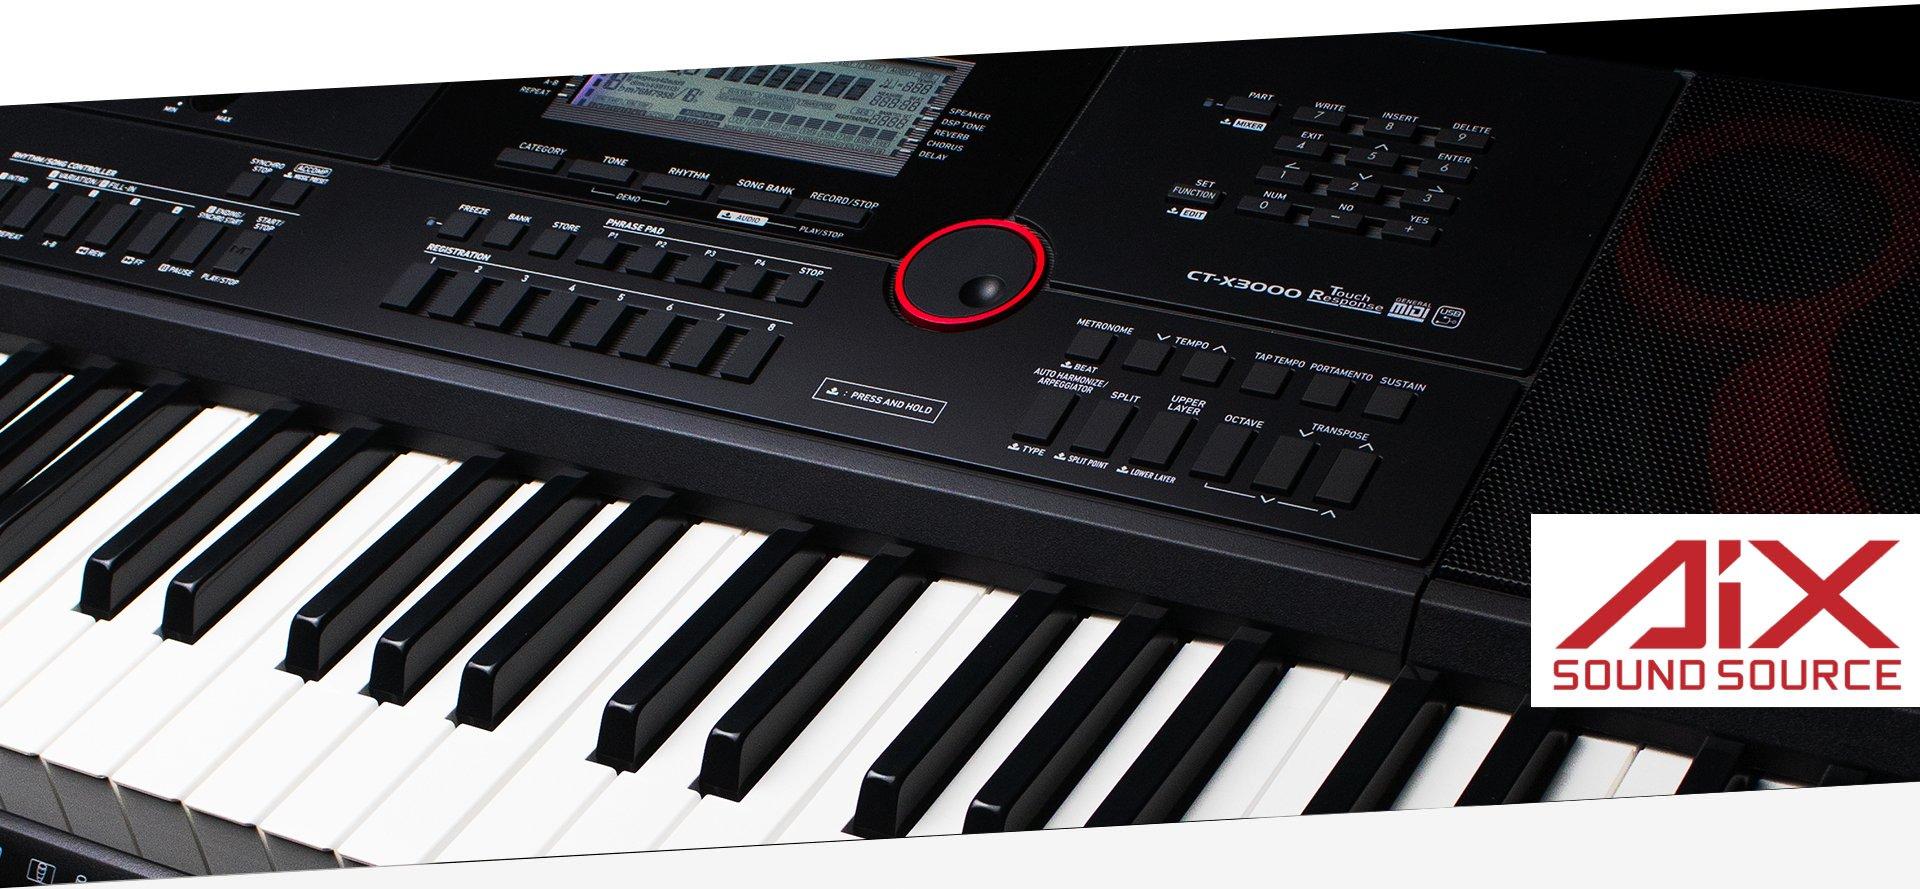 Casio Keyboard CT-X3000